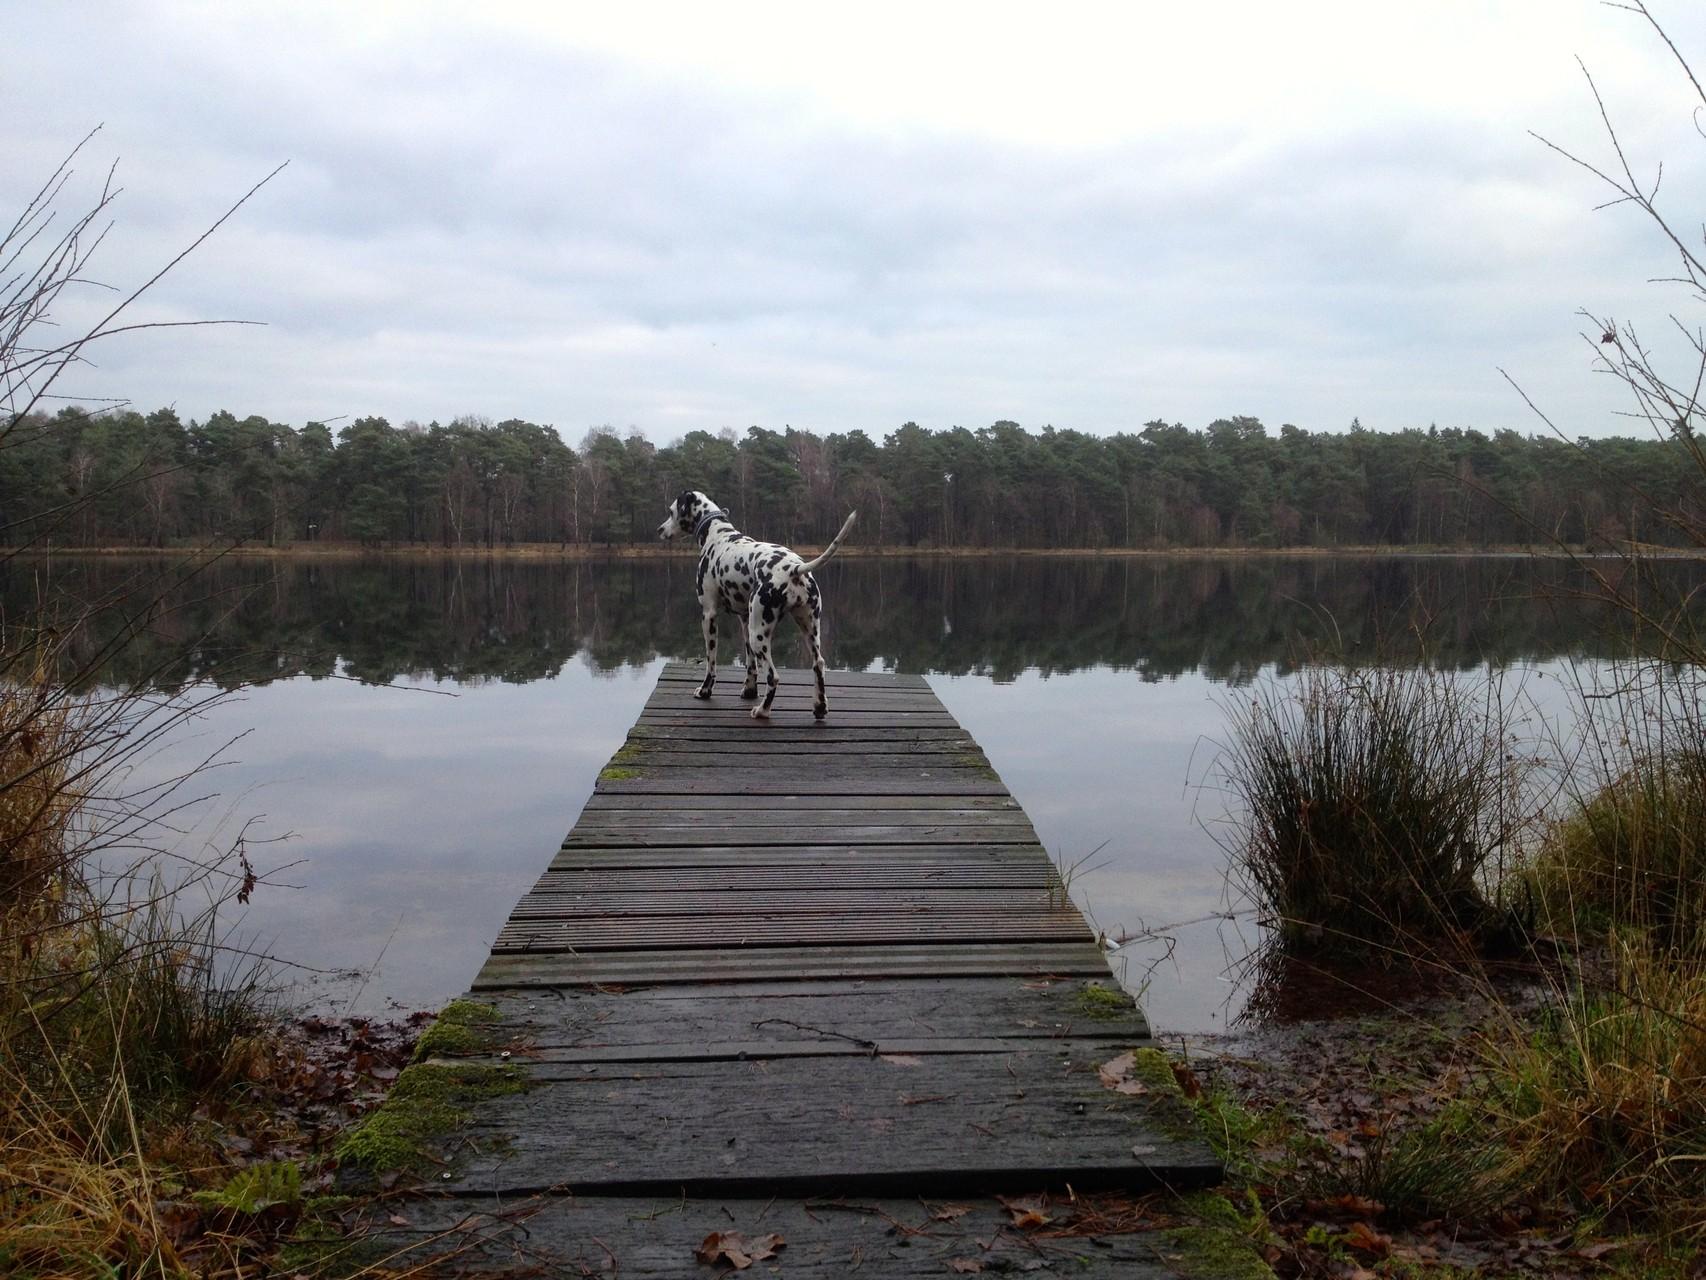 ... habe ich mich doch entschlossen, lieber die Ruhe am See zu genießen!